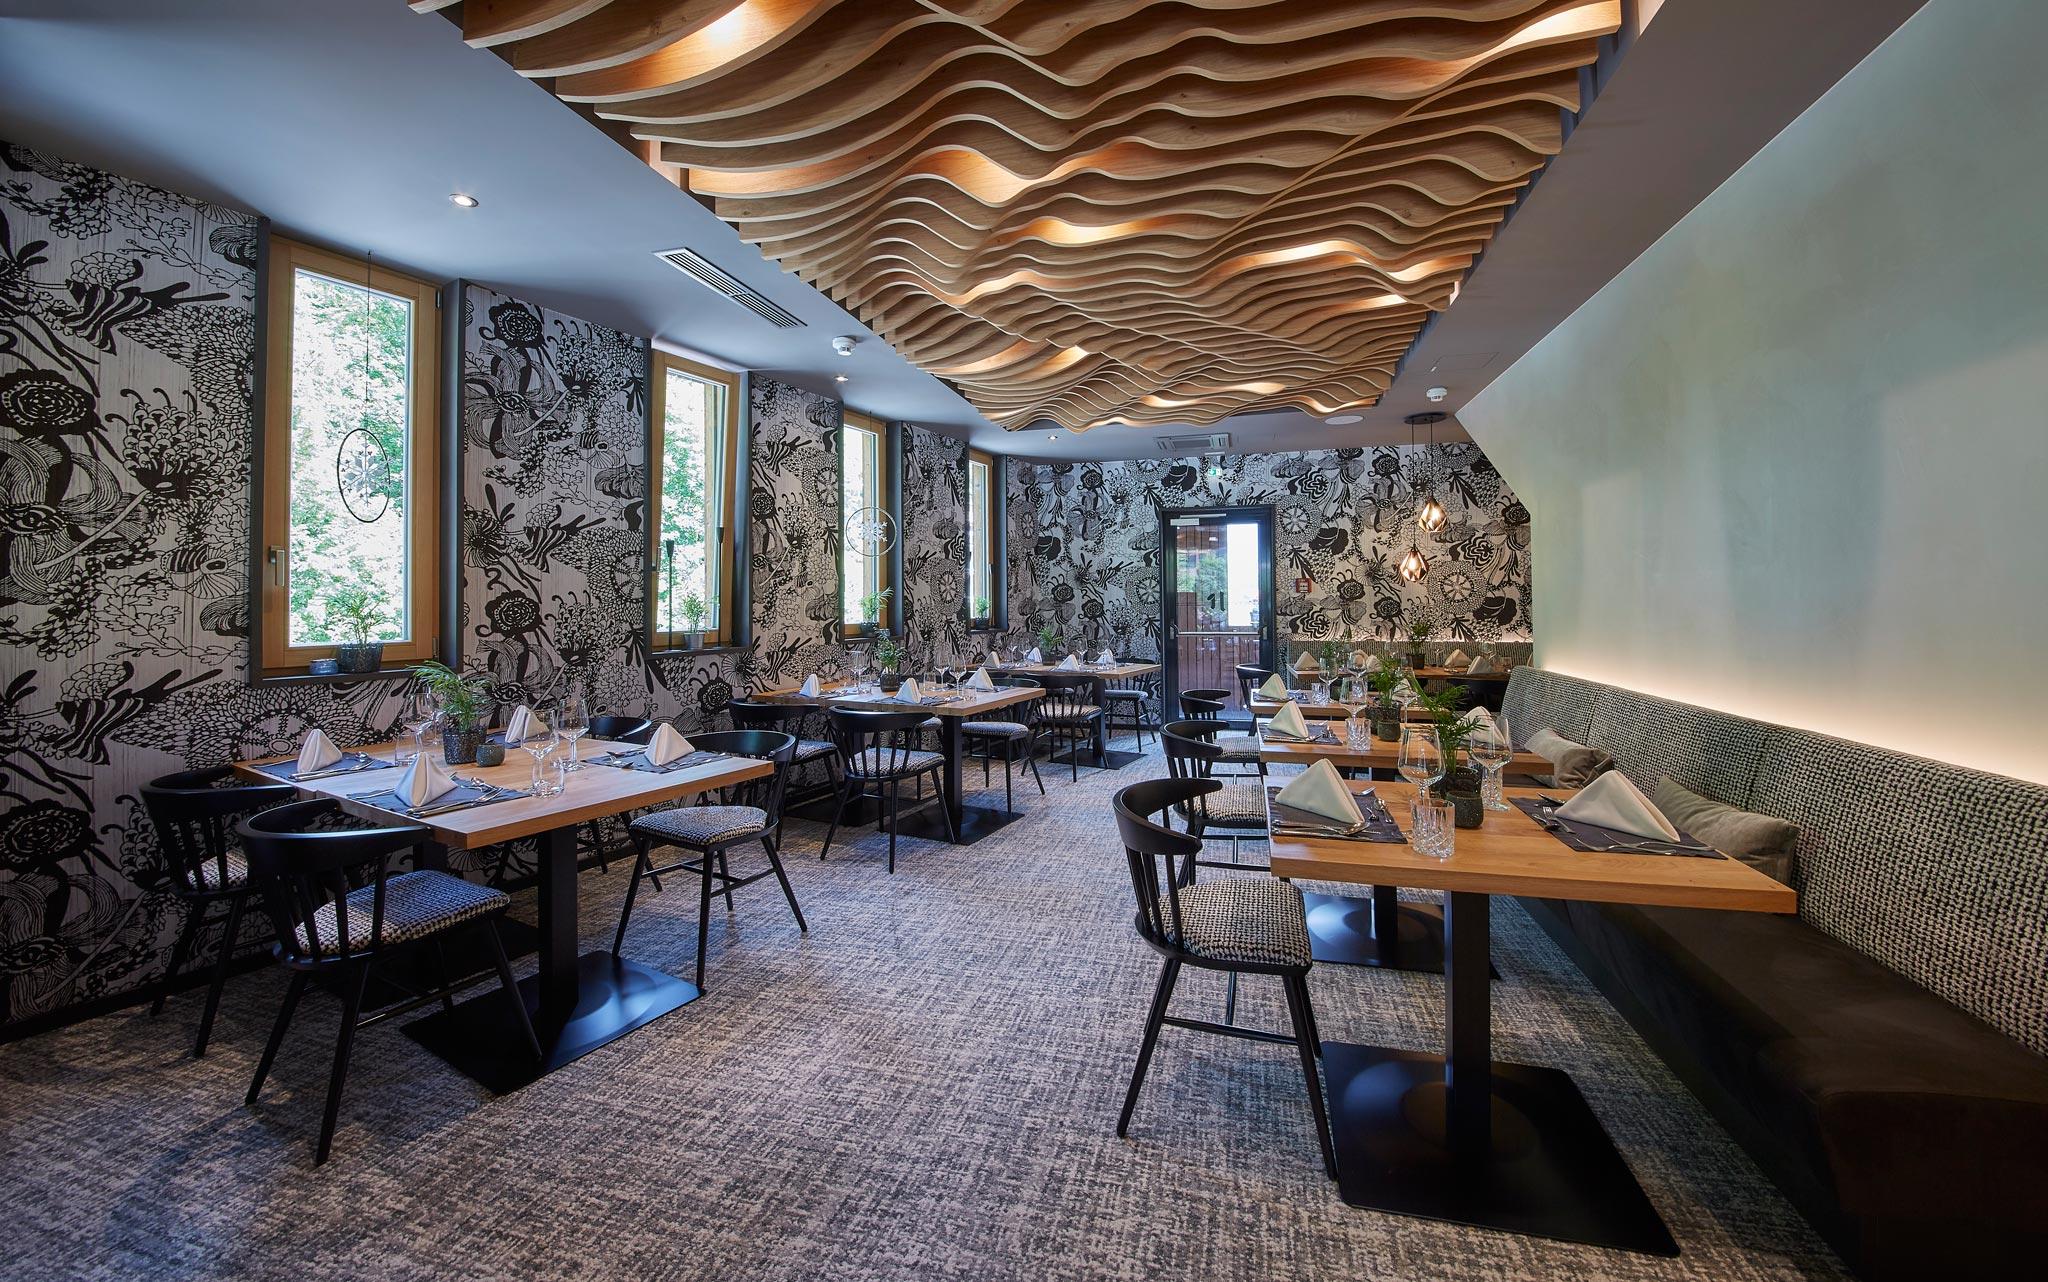 Der Speisesaal mit einem Holzelement auf der Decke sowie weiß-schwarzen Tapeten und einigen gedeckten Tischen.